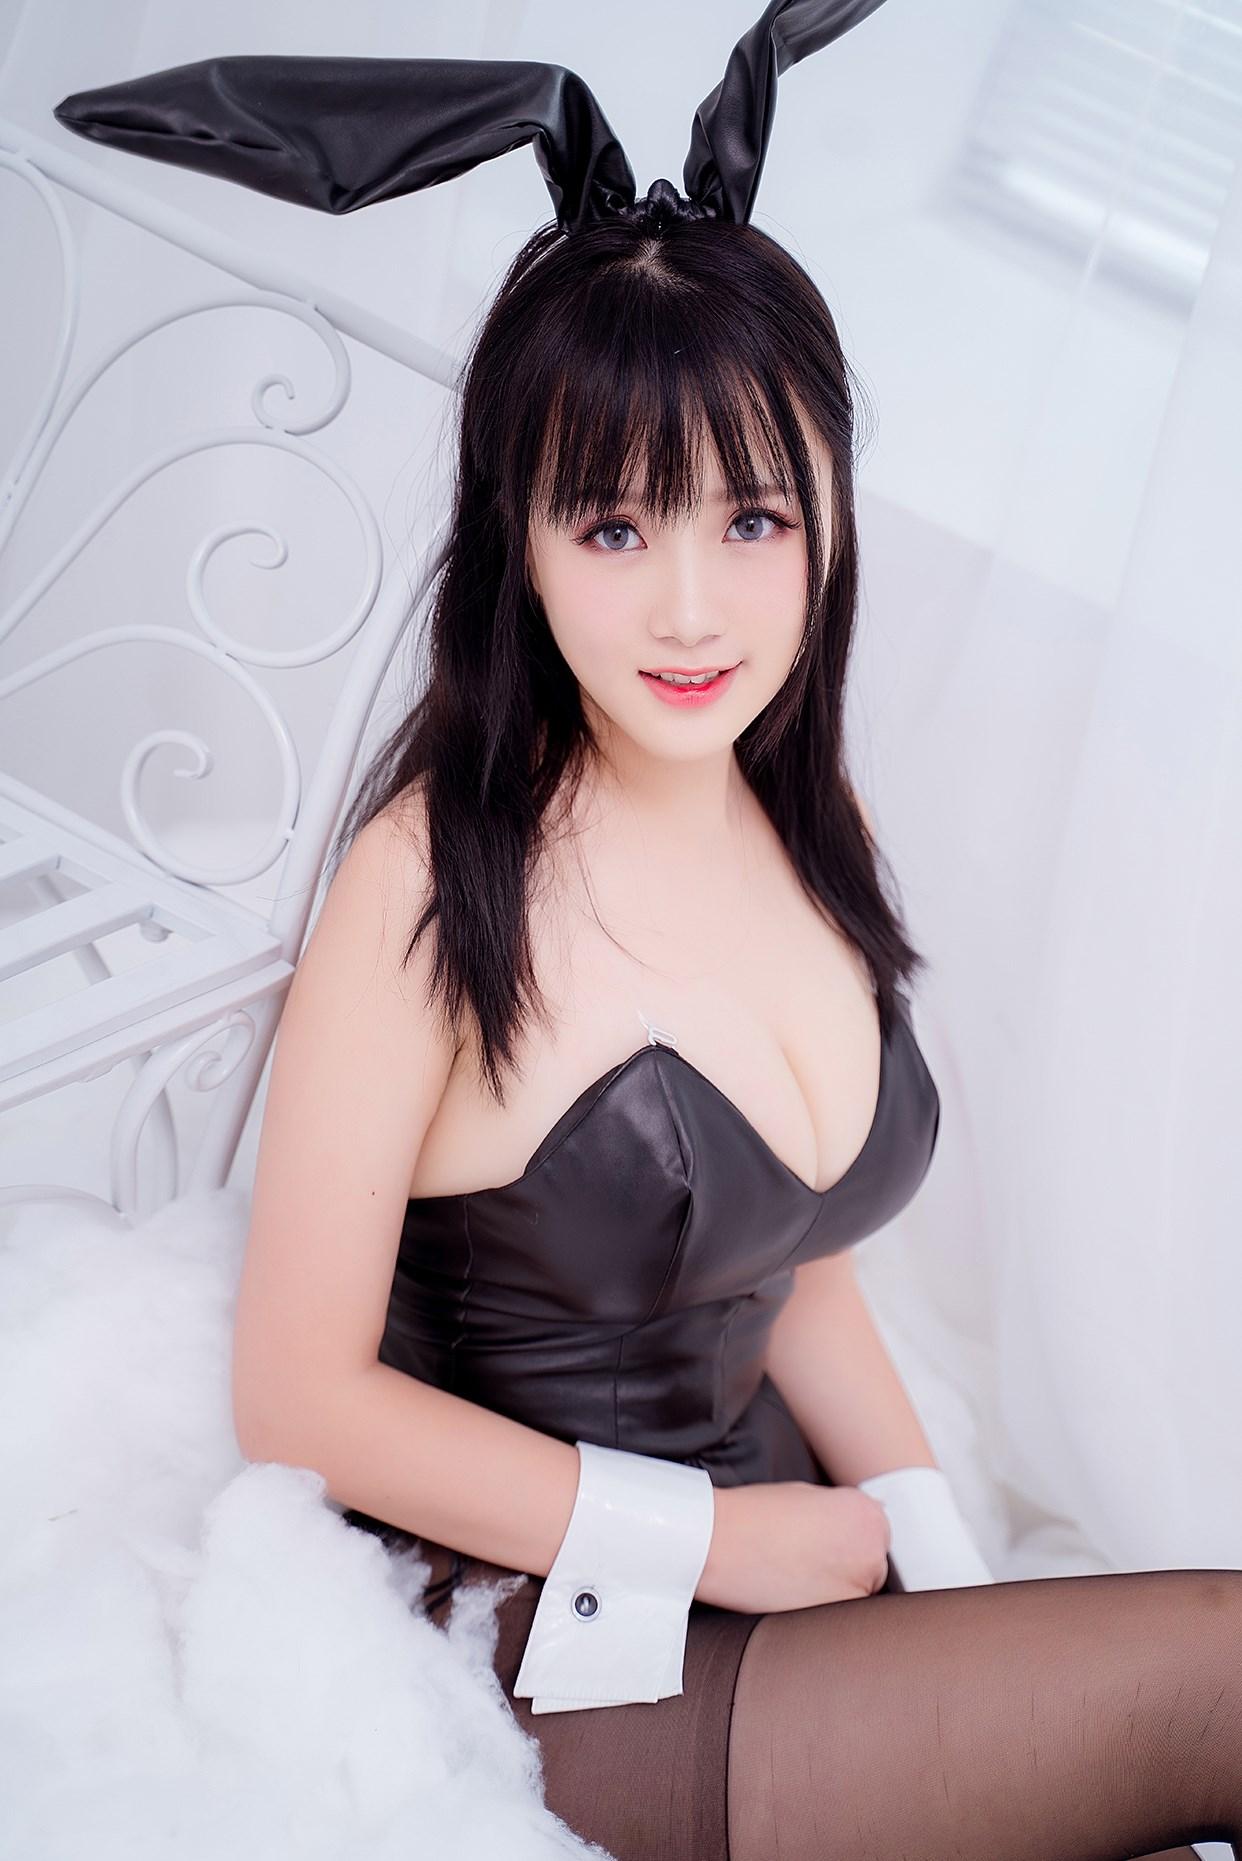 【兔玩映画】兔女郎vol.18-荼蘼 兔玩映画 第35张